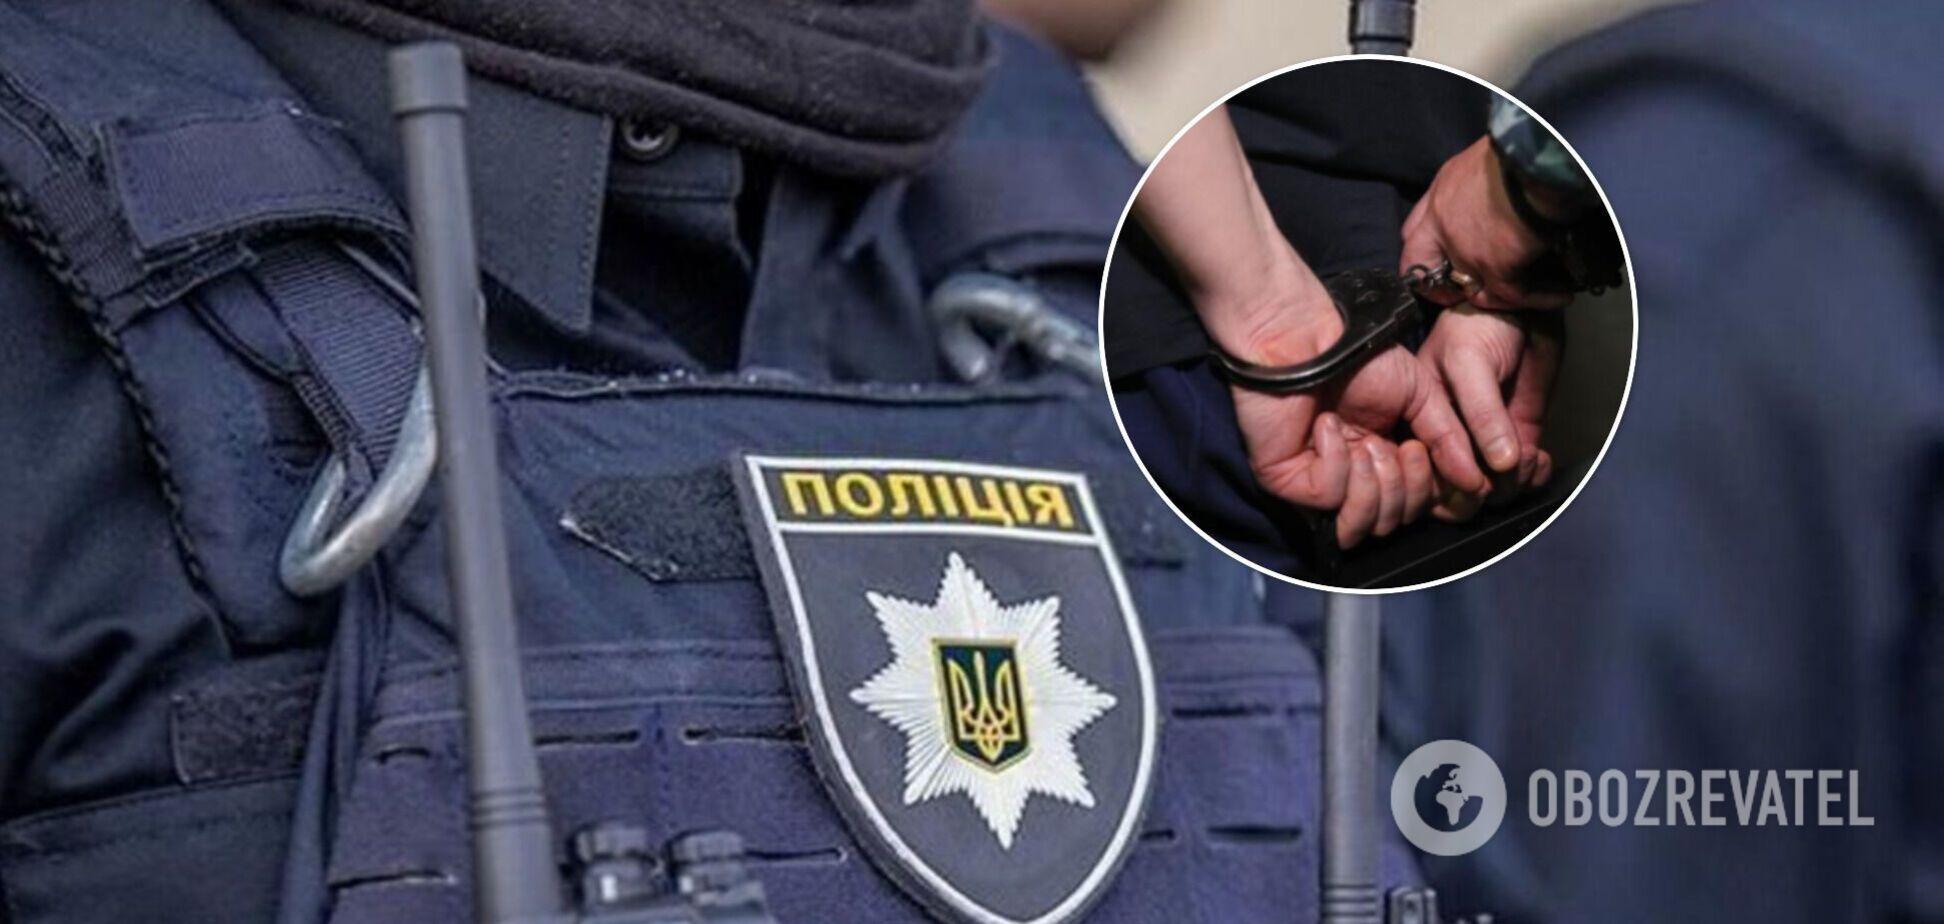 В Бердичеве мужчина ножом убил сожительницу, она успела лишь позвать на помощь